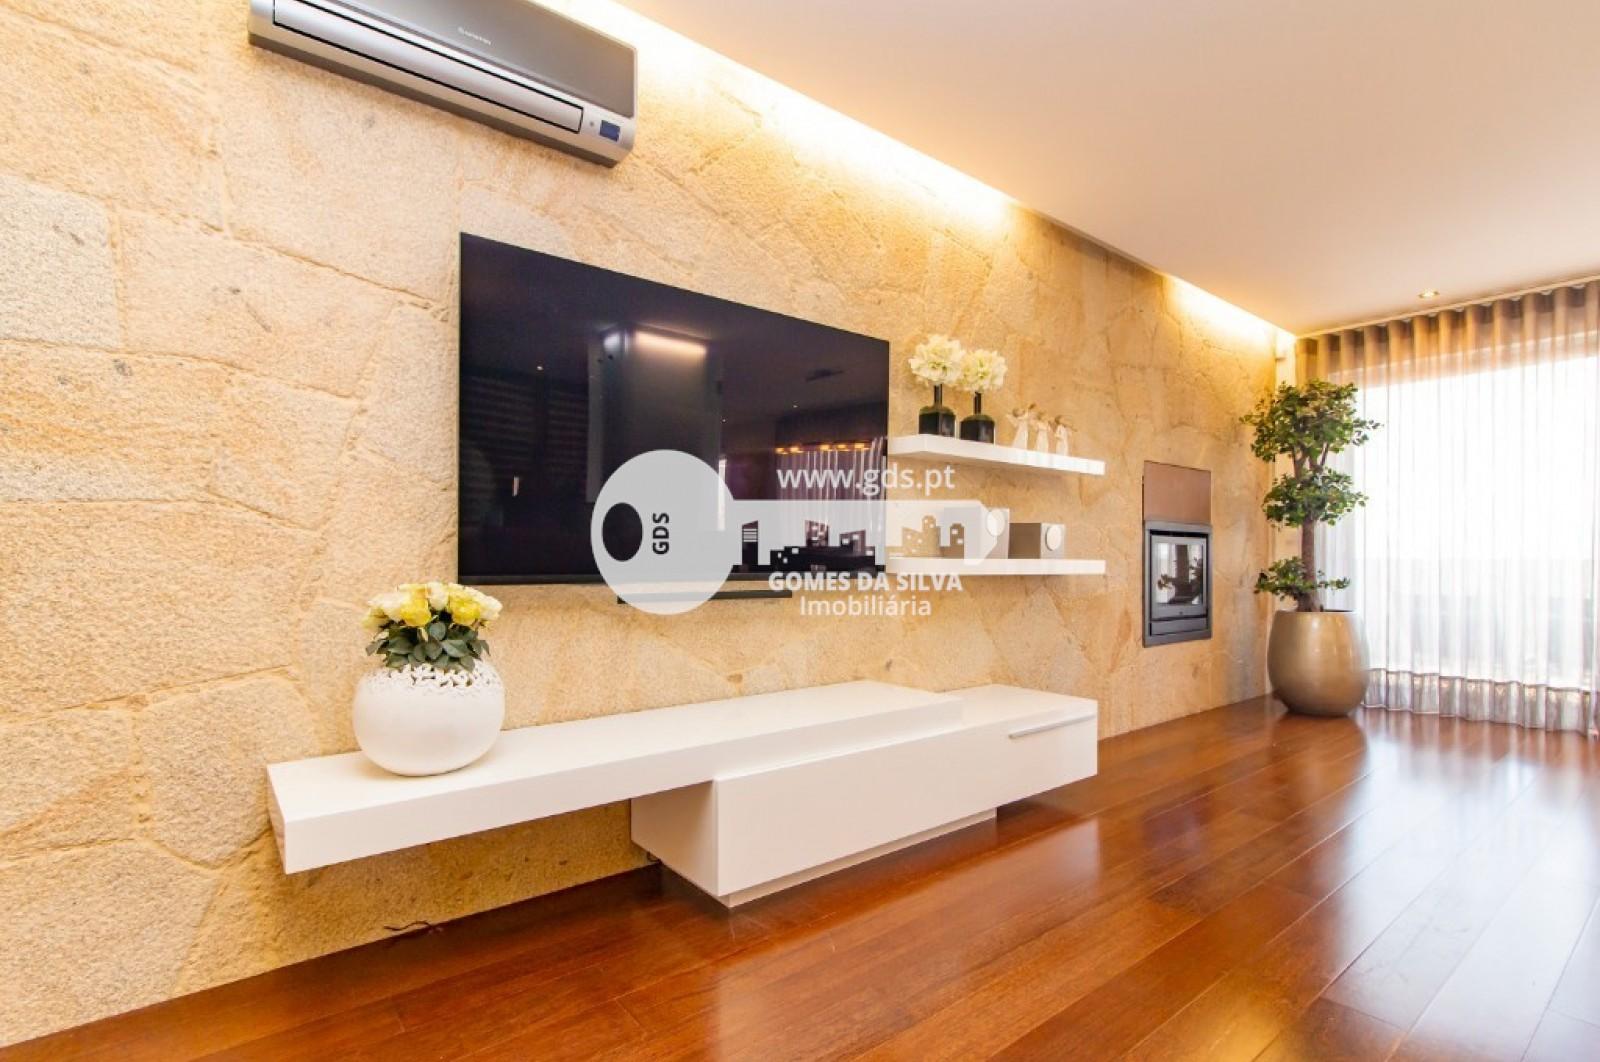 Apartamento T3 para Venda em Nogueira, Fraião e Lamaçães, Braga, Braga - Imagem 2